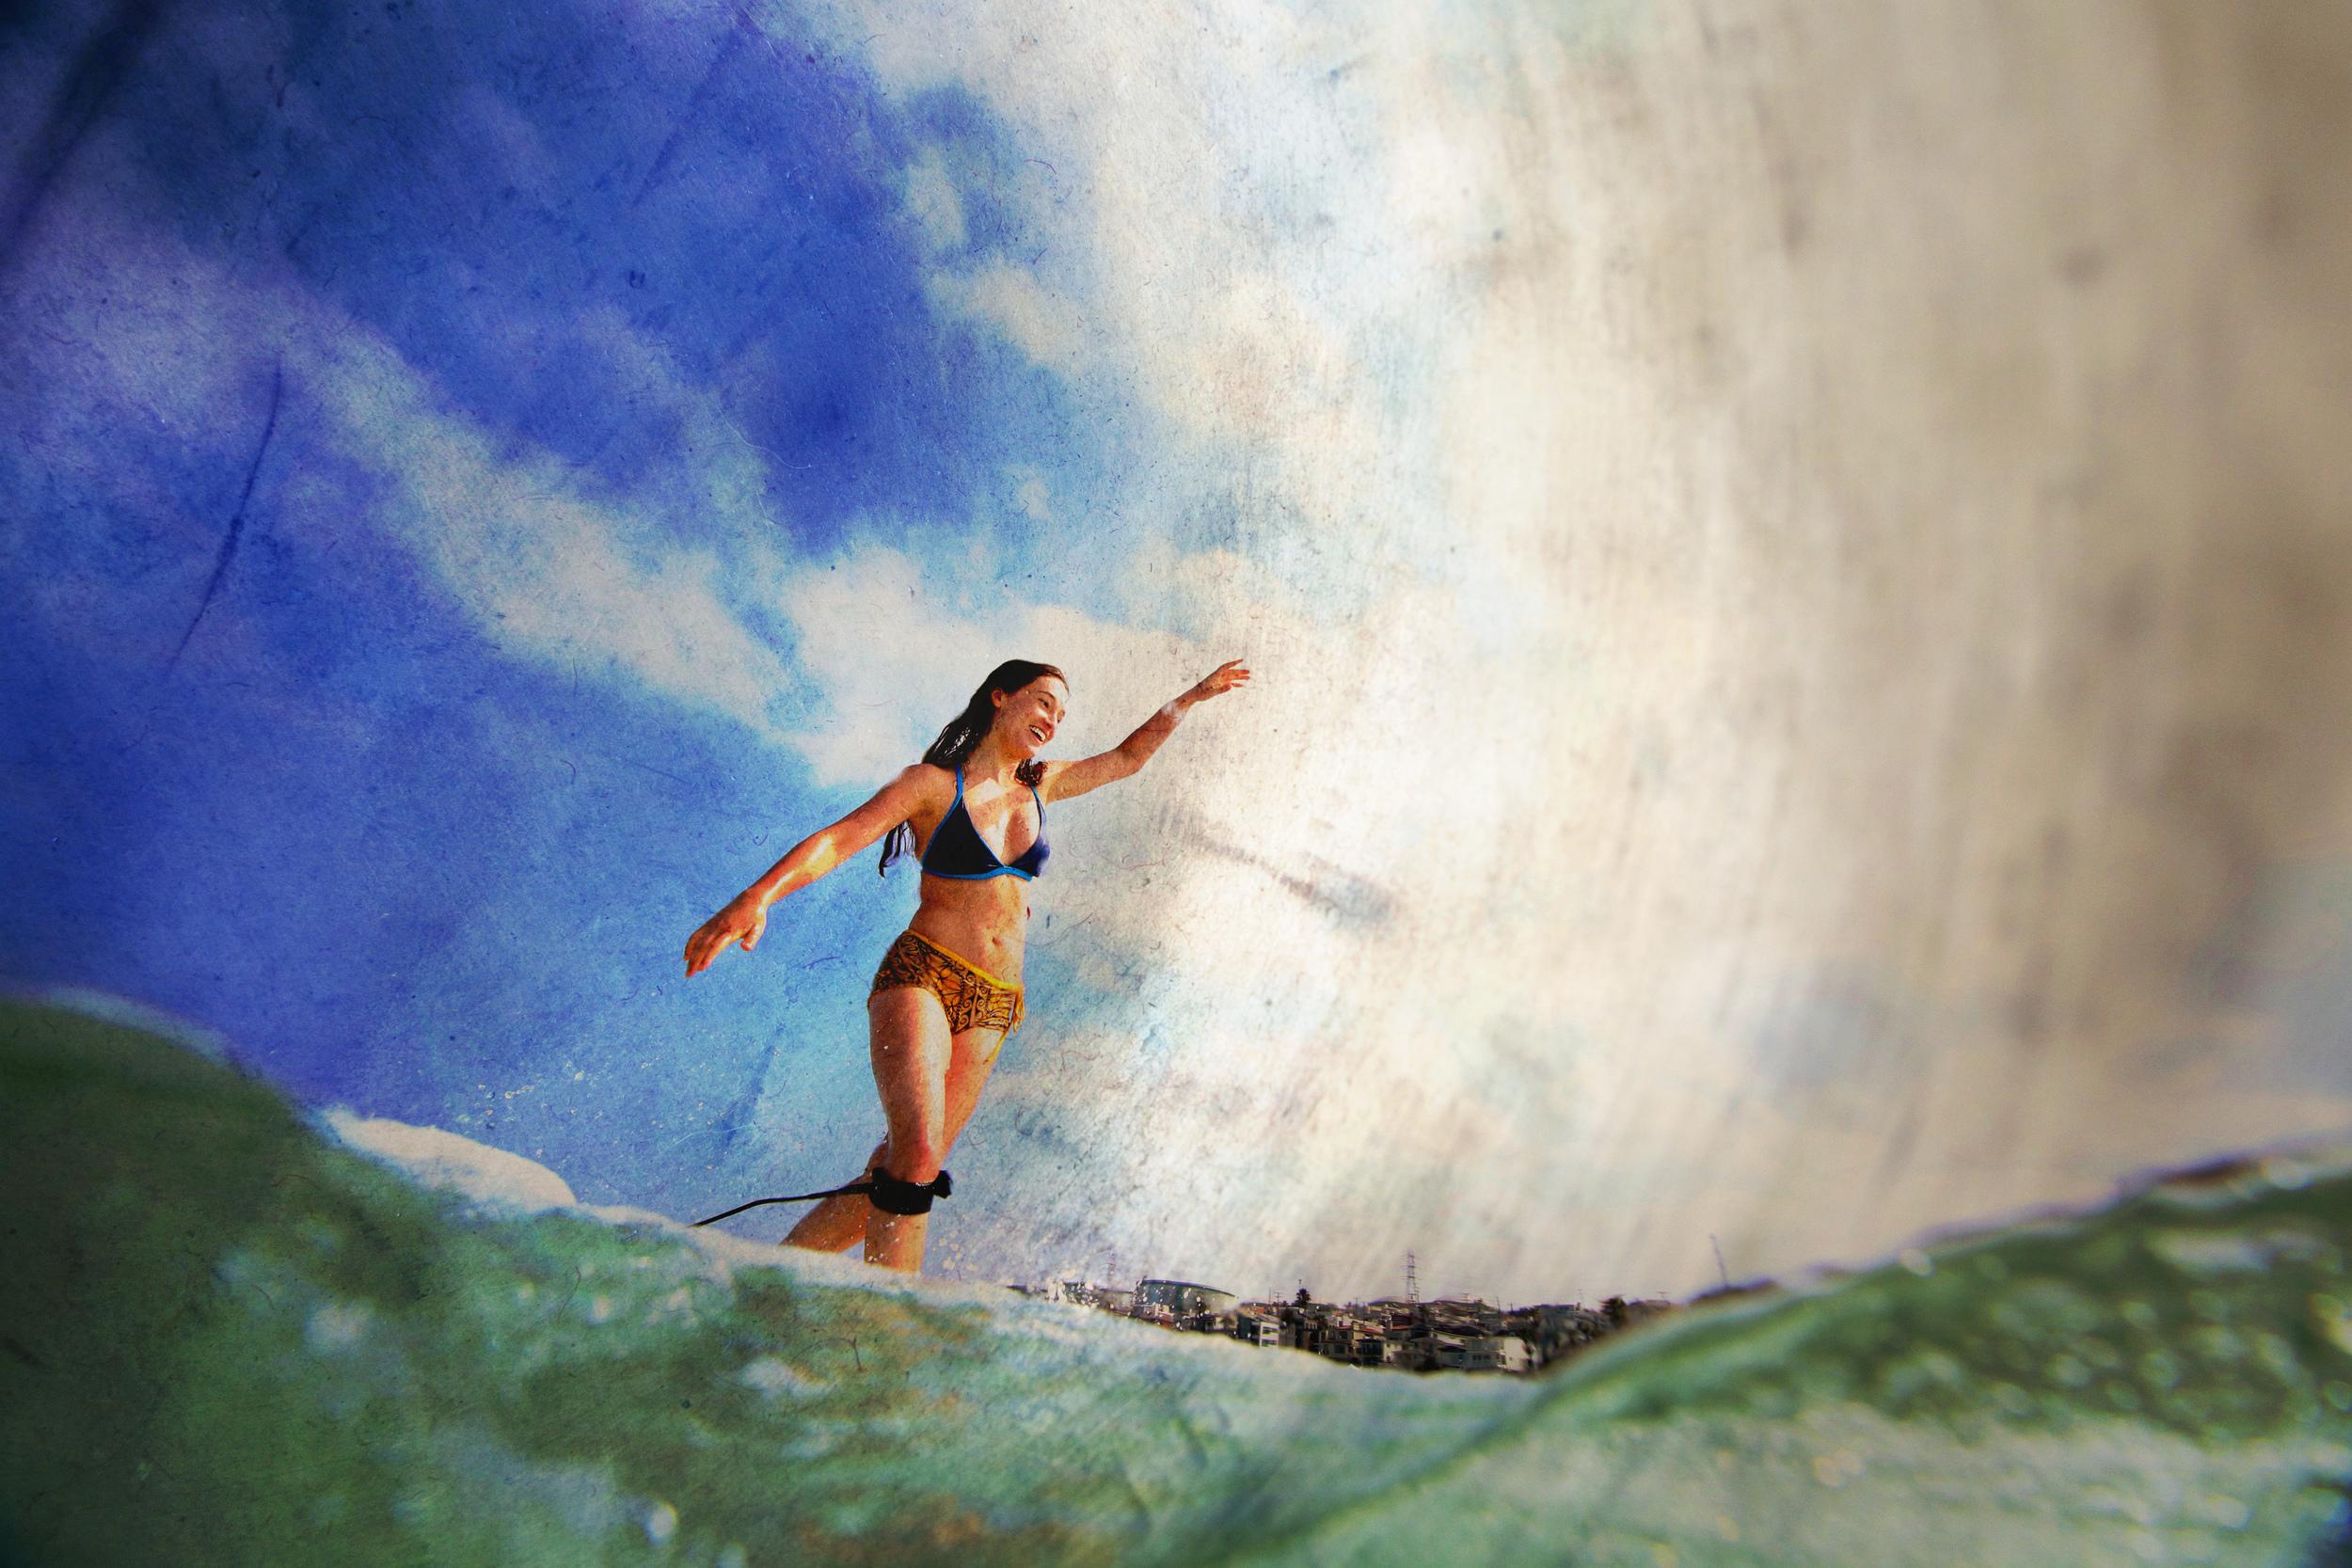 LongboarderSurferGirlWidePainting01.jpg